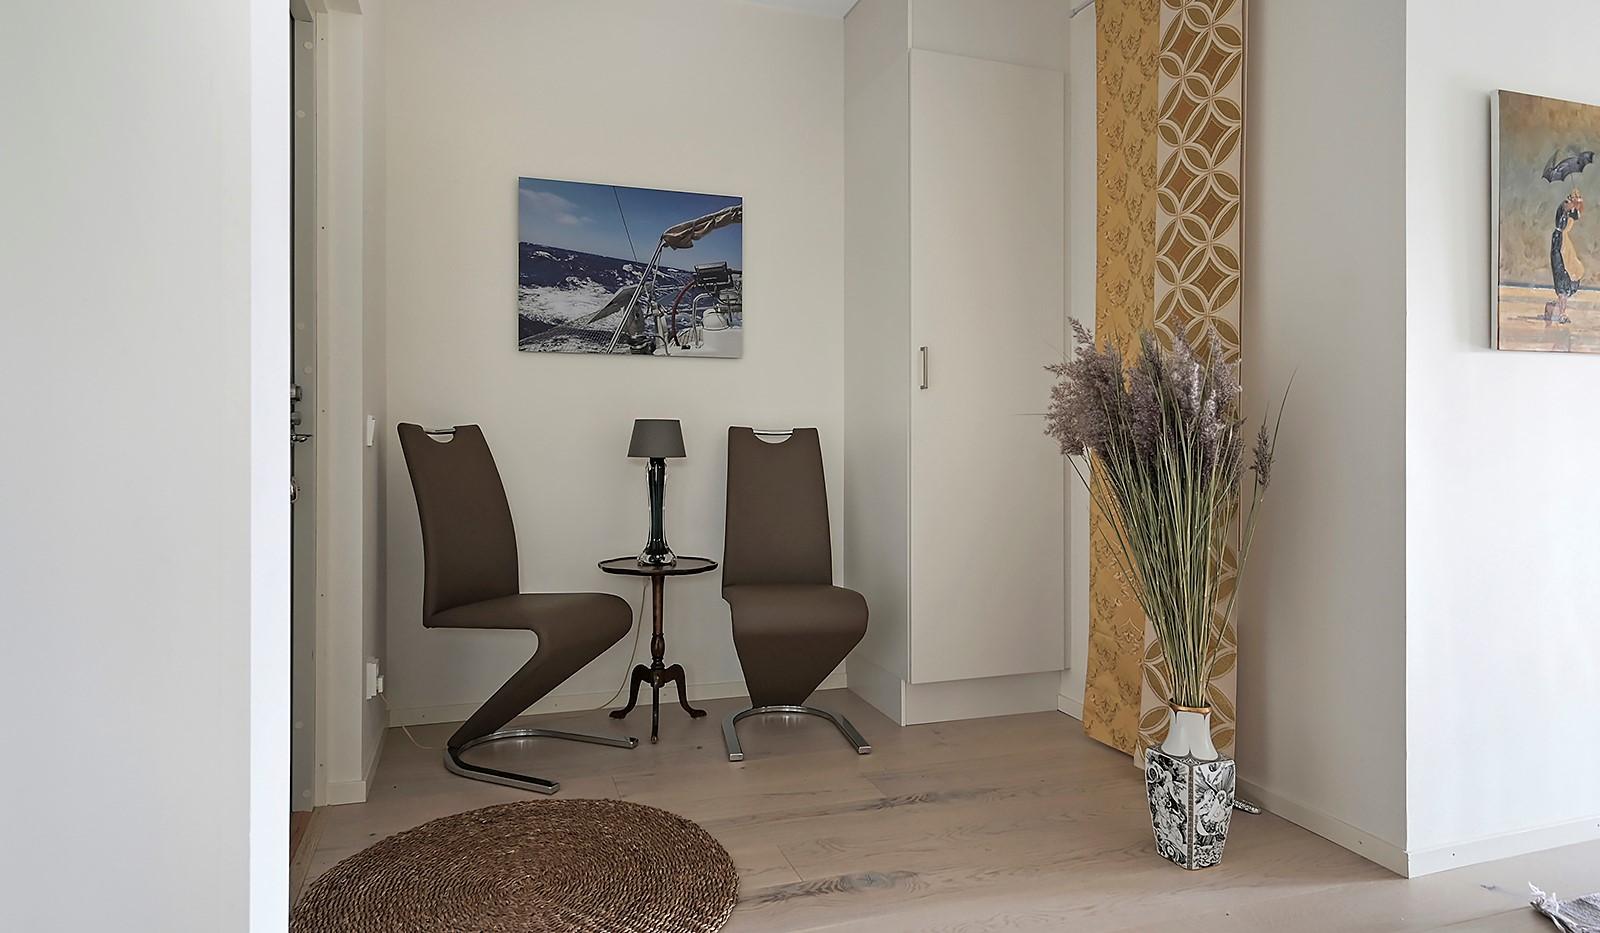 Fredriksdalsgatan 24, vån 2 - I hallen ryms förutom garderob t.ex. sittbänk, hatthylla eller barnvagn.